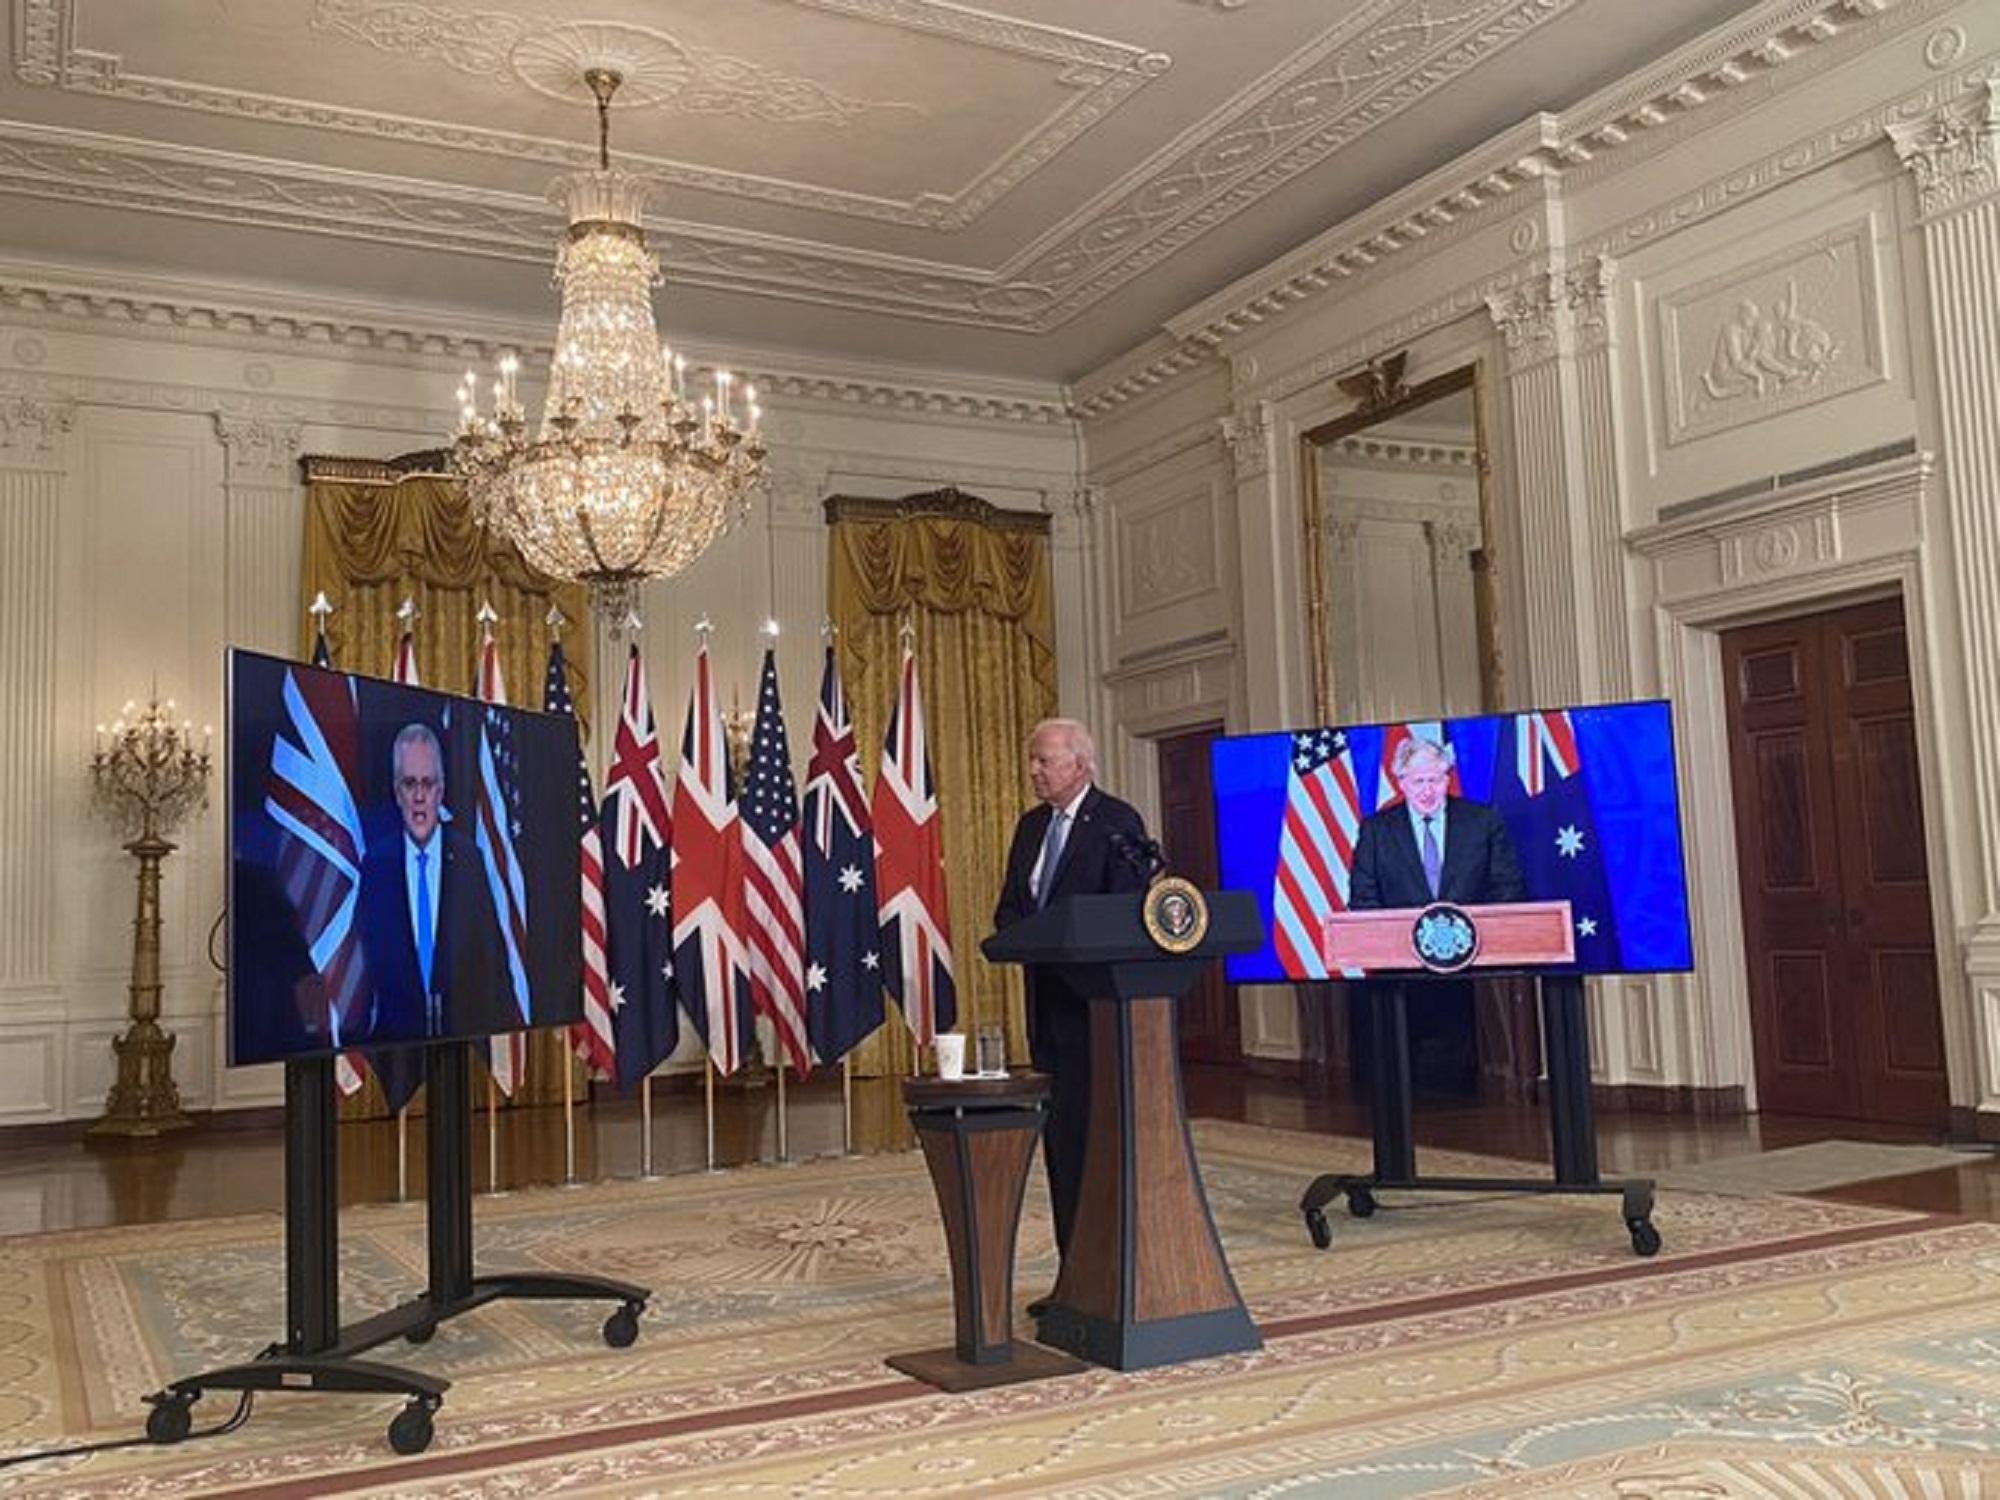 Συμμαχία στον Ειρηνικό ανακοίνωσαν Μπάιντεν – Τζόνσον και Μόρισον – Πυρηνικά υποβρύχια στην Αυστραλία